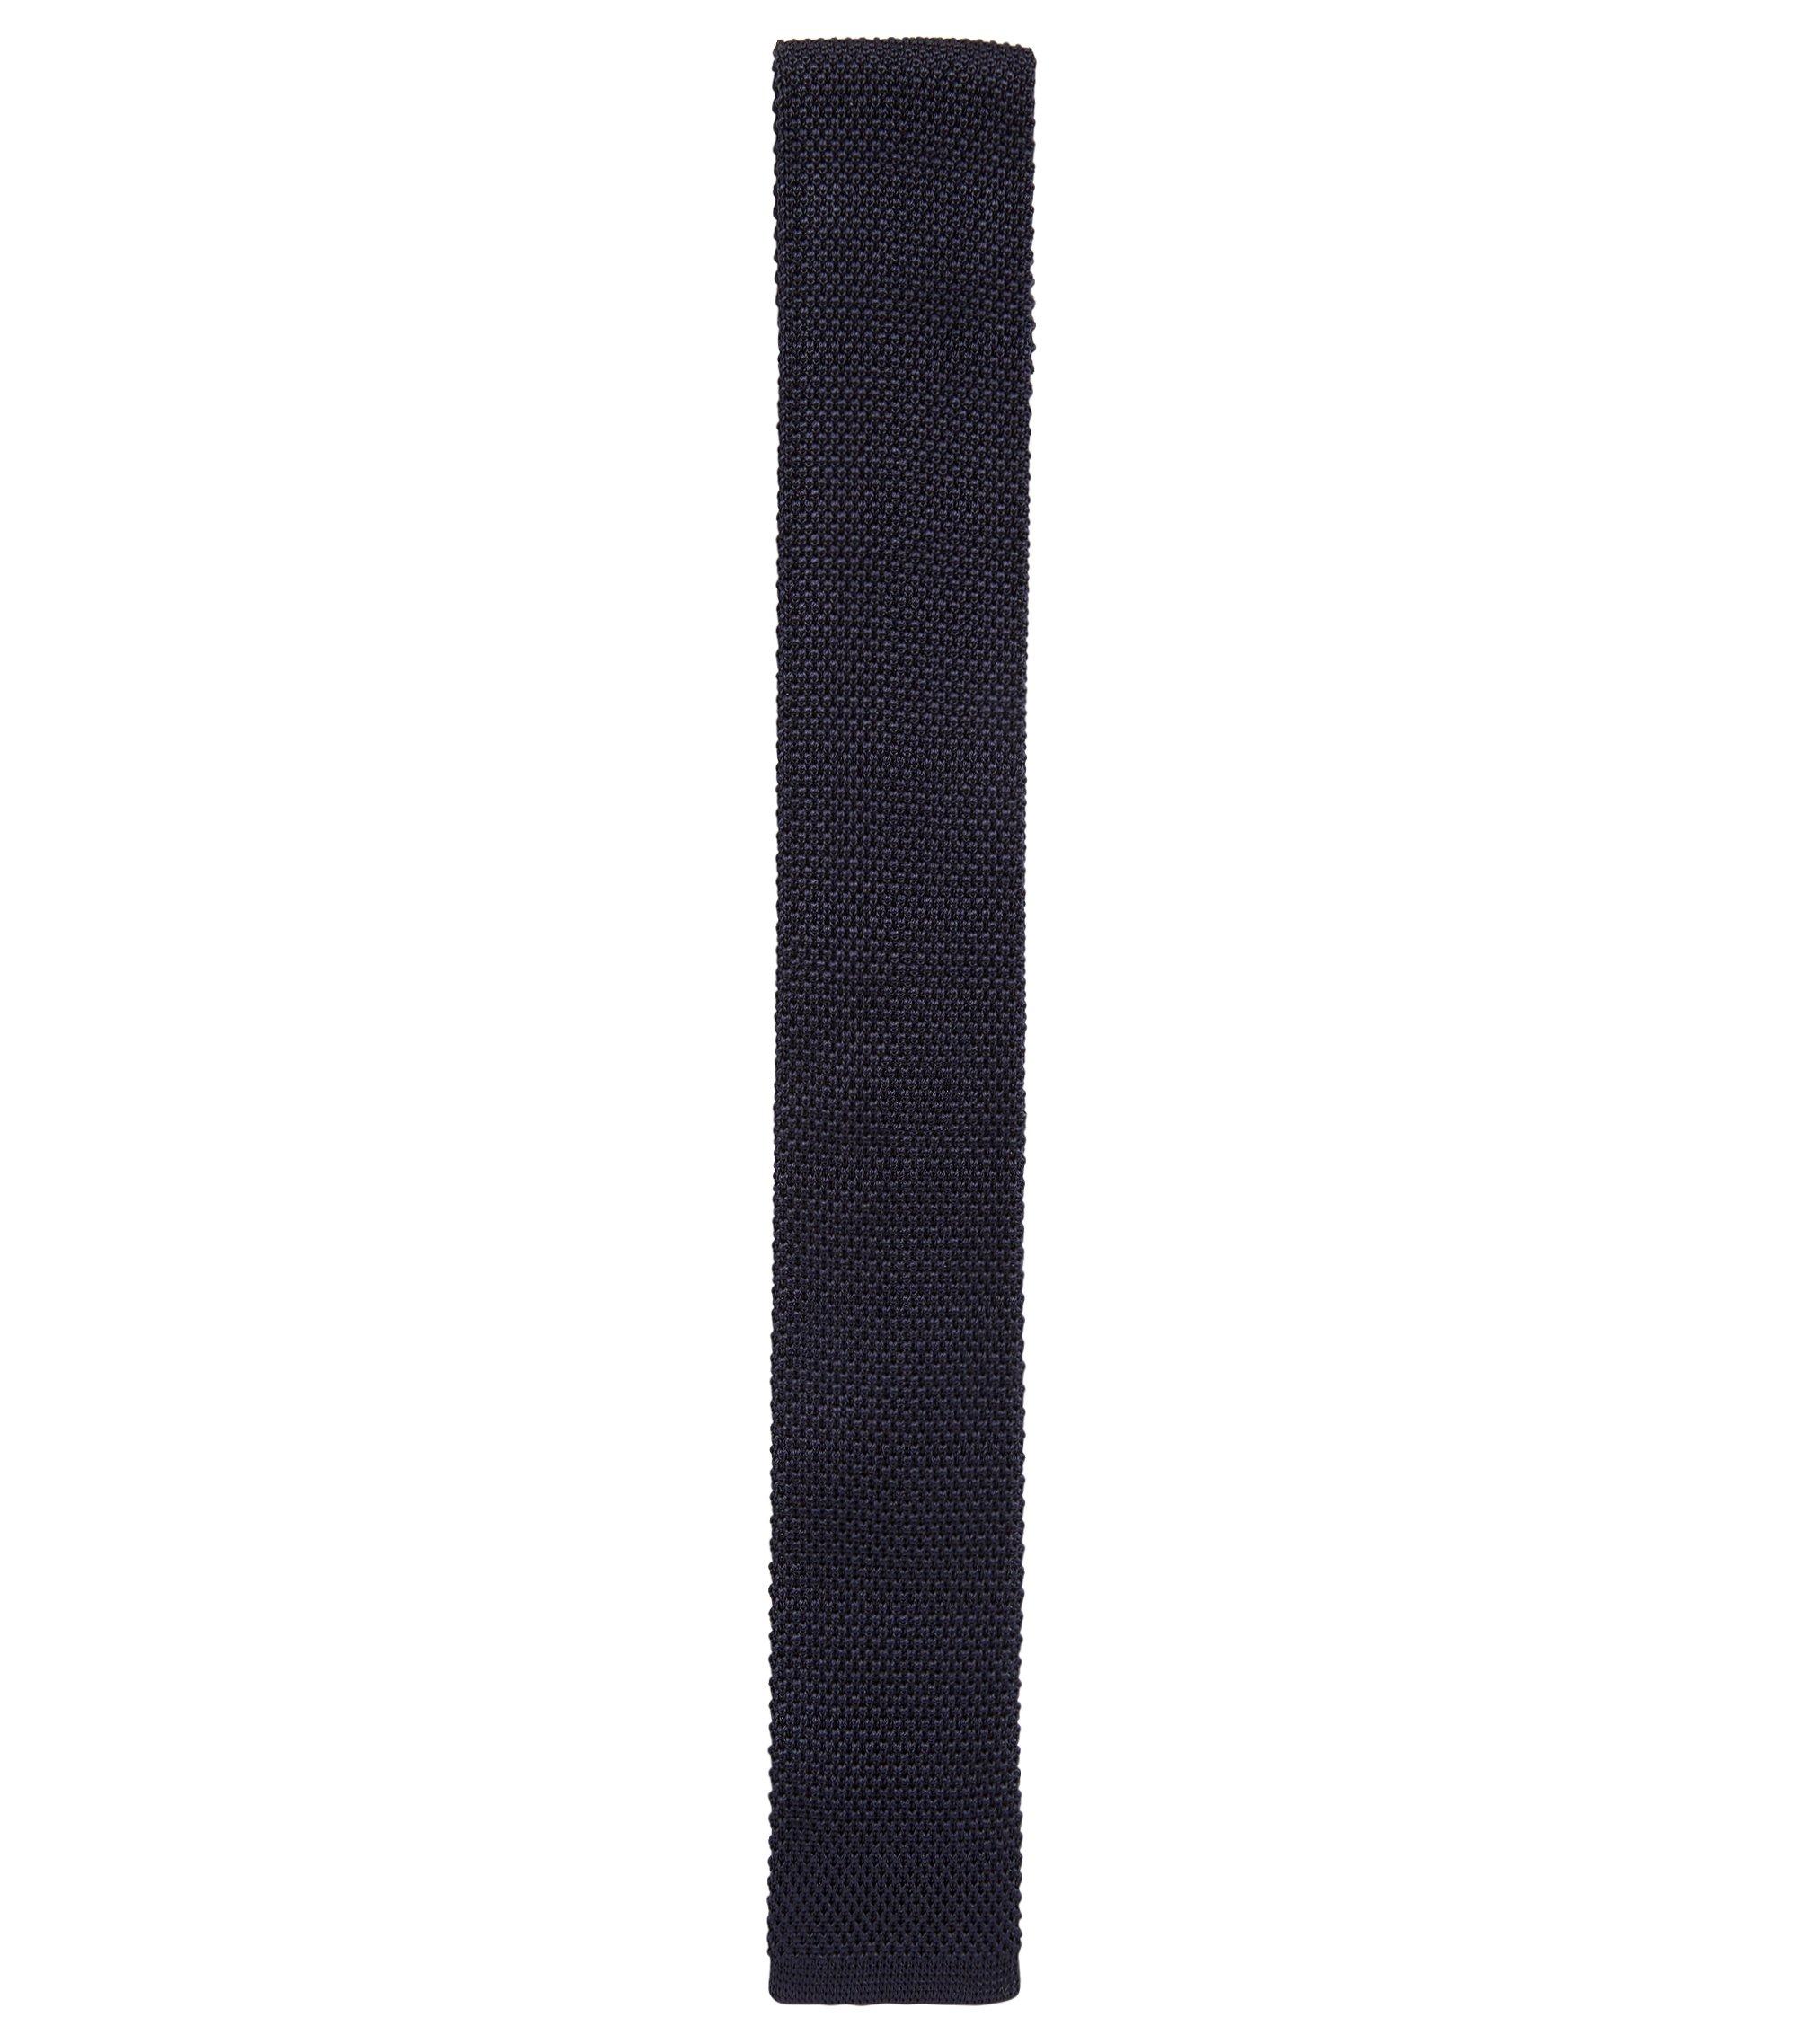 Cravate droite en maille de soie, confectionnée en Italie, Bleu foncé